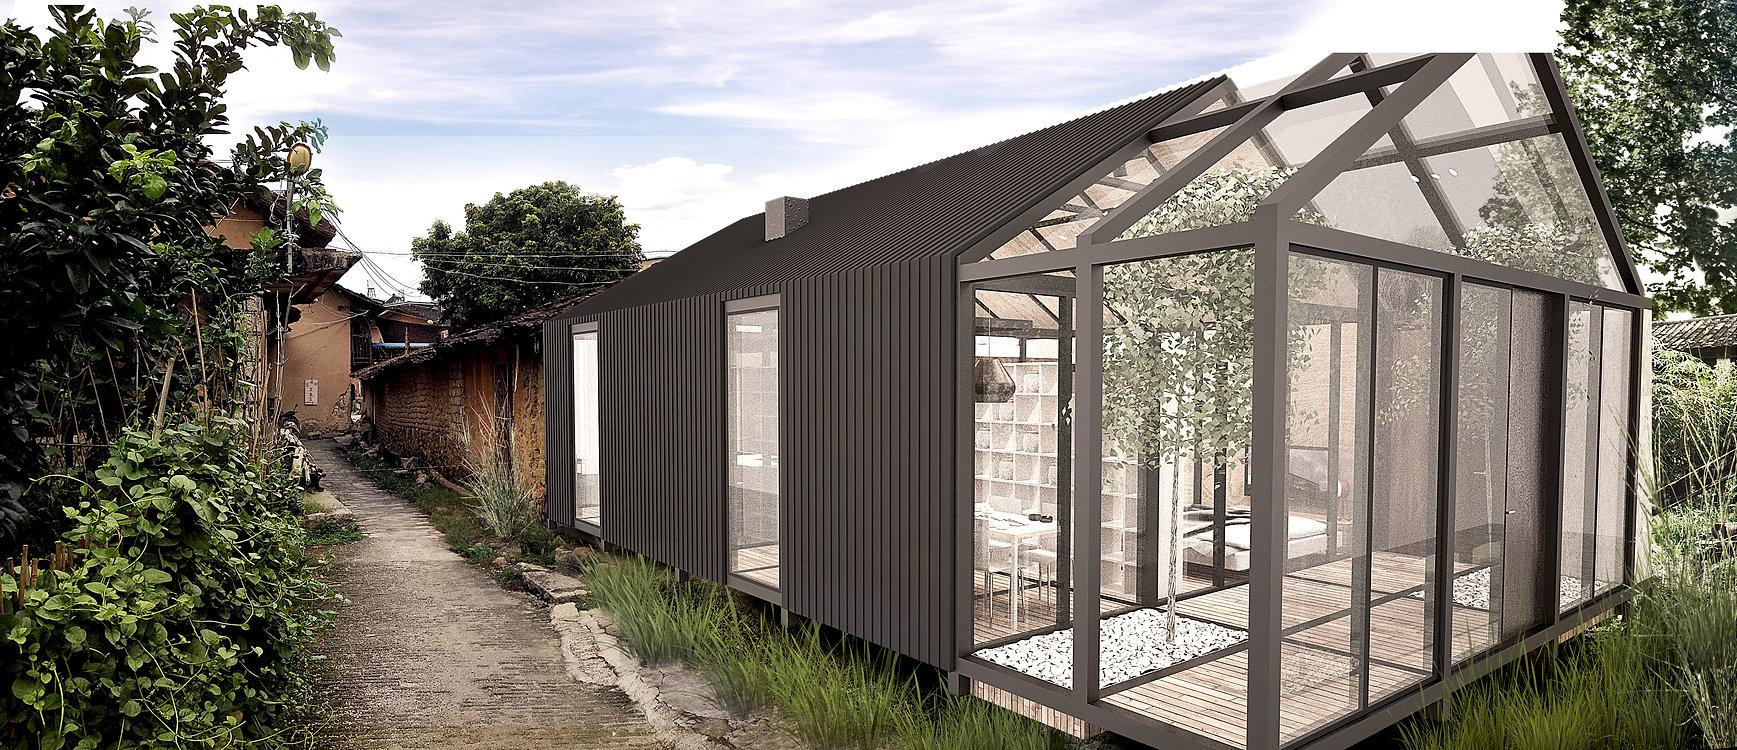 fujian housing sketch 1 3.jpg